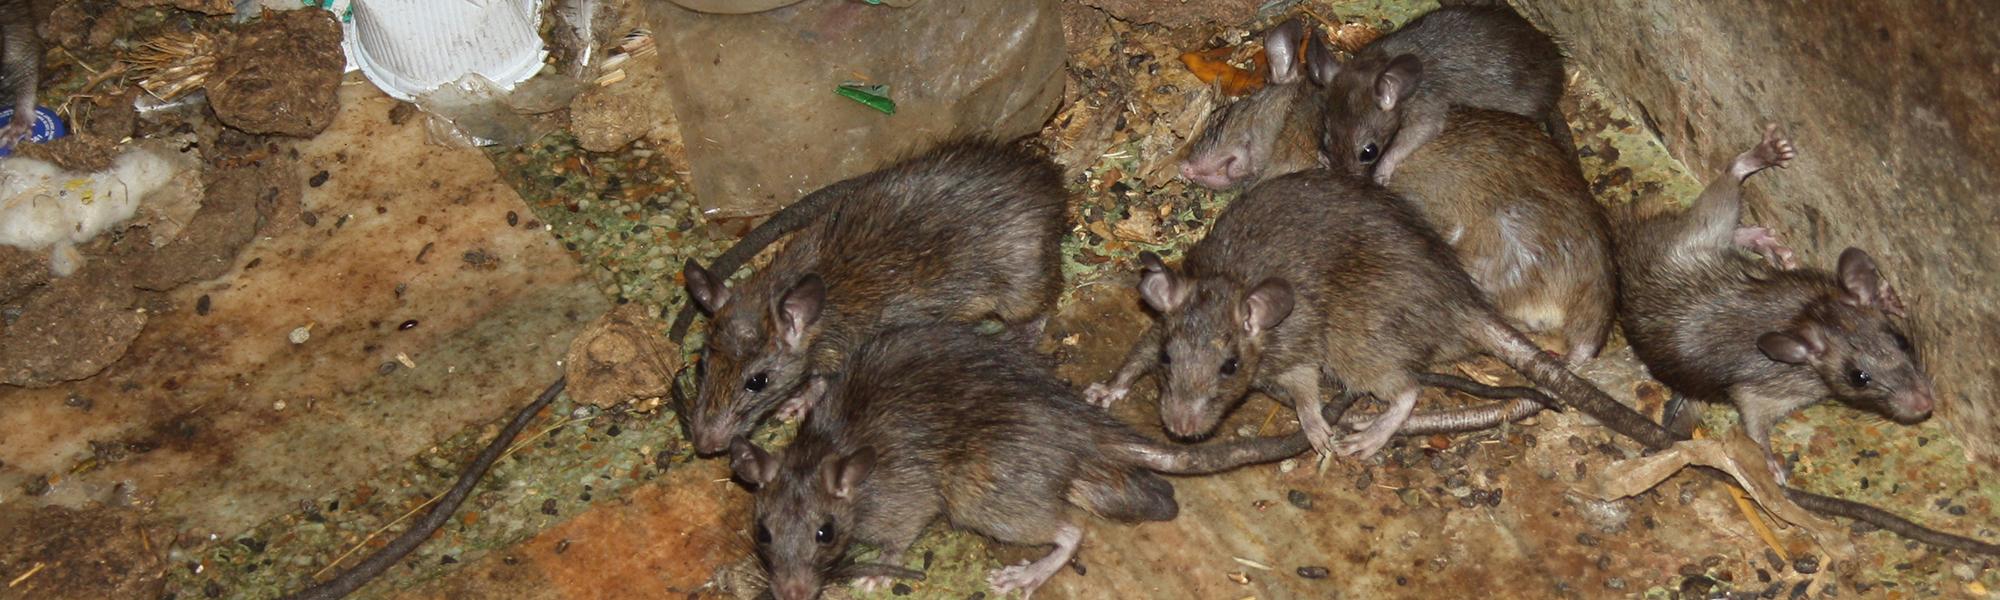 bugmaster-pest-control-kelowna-rats